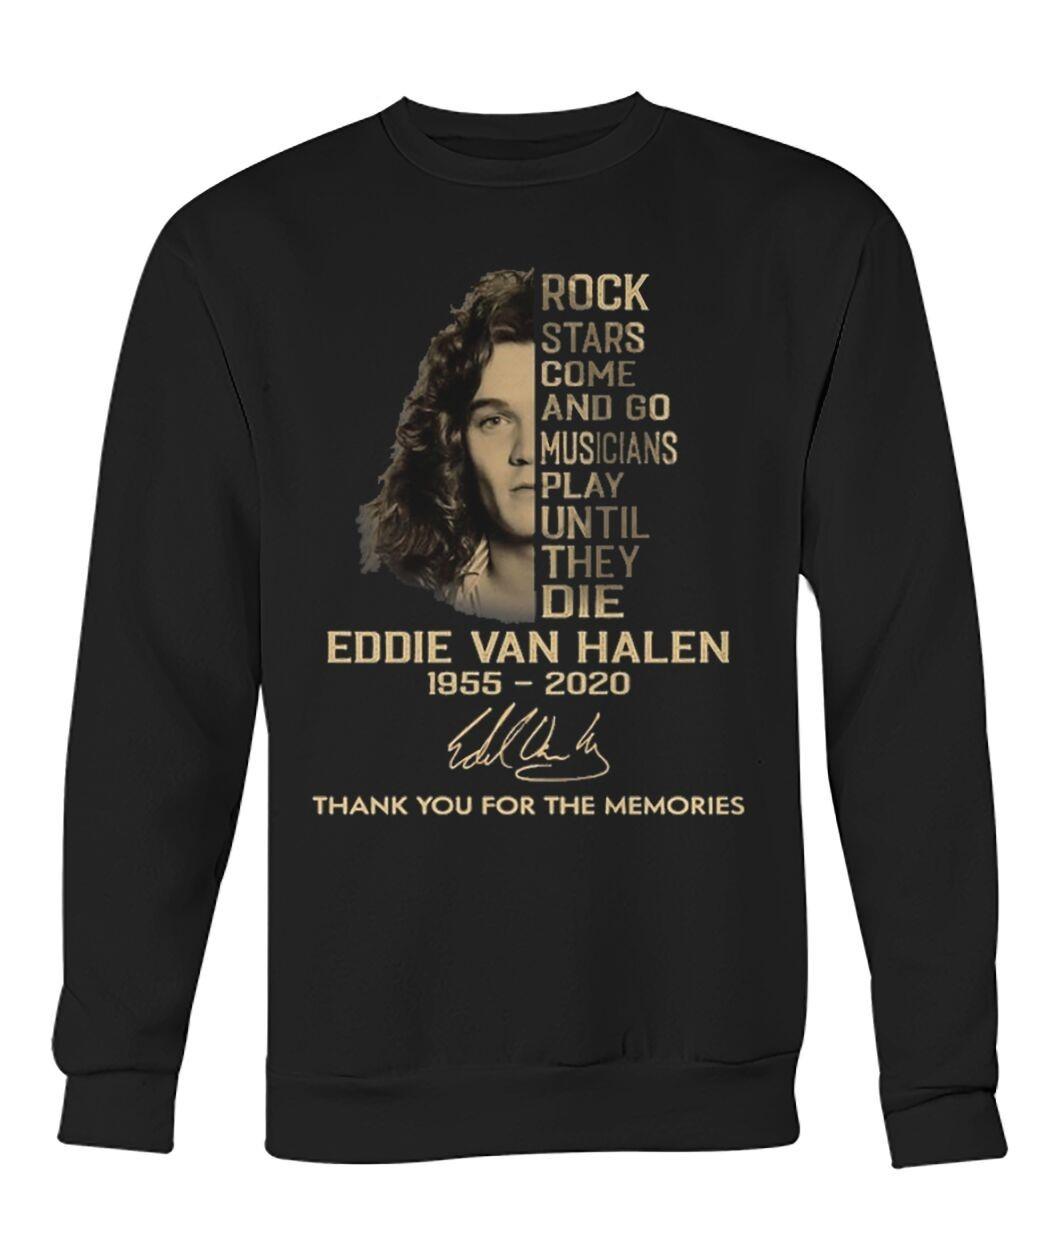 Eddie Van Halen Thank You For The Memories